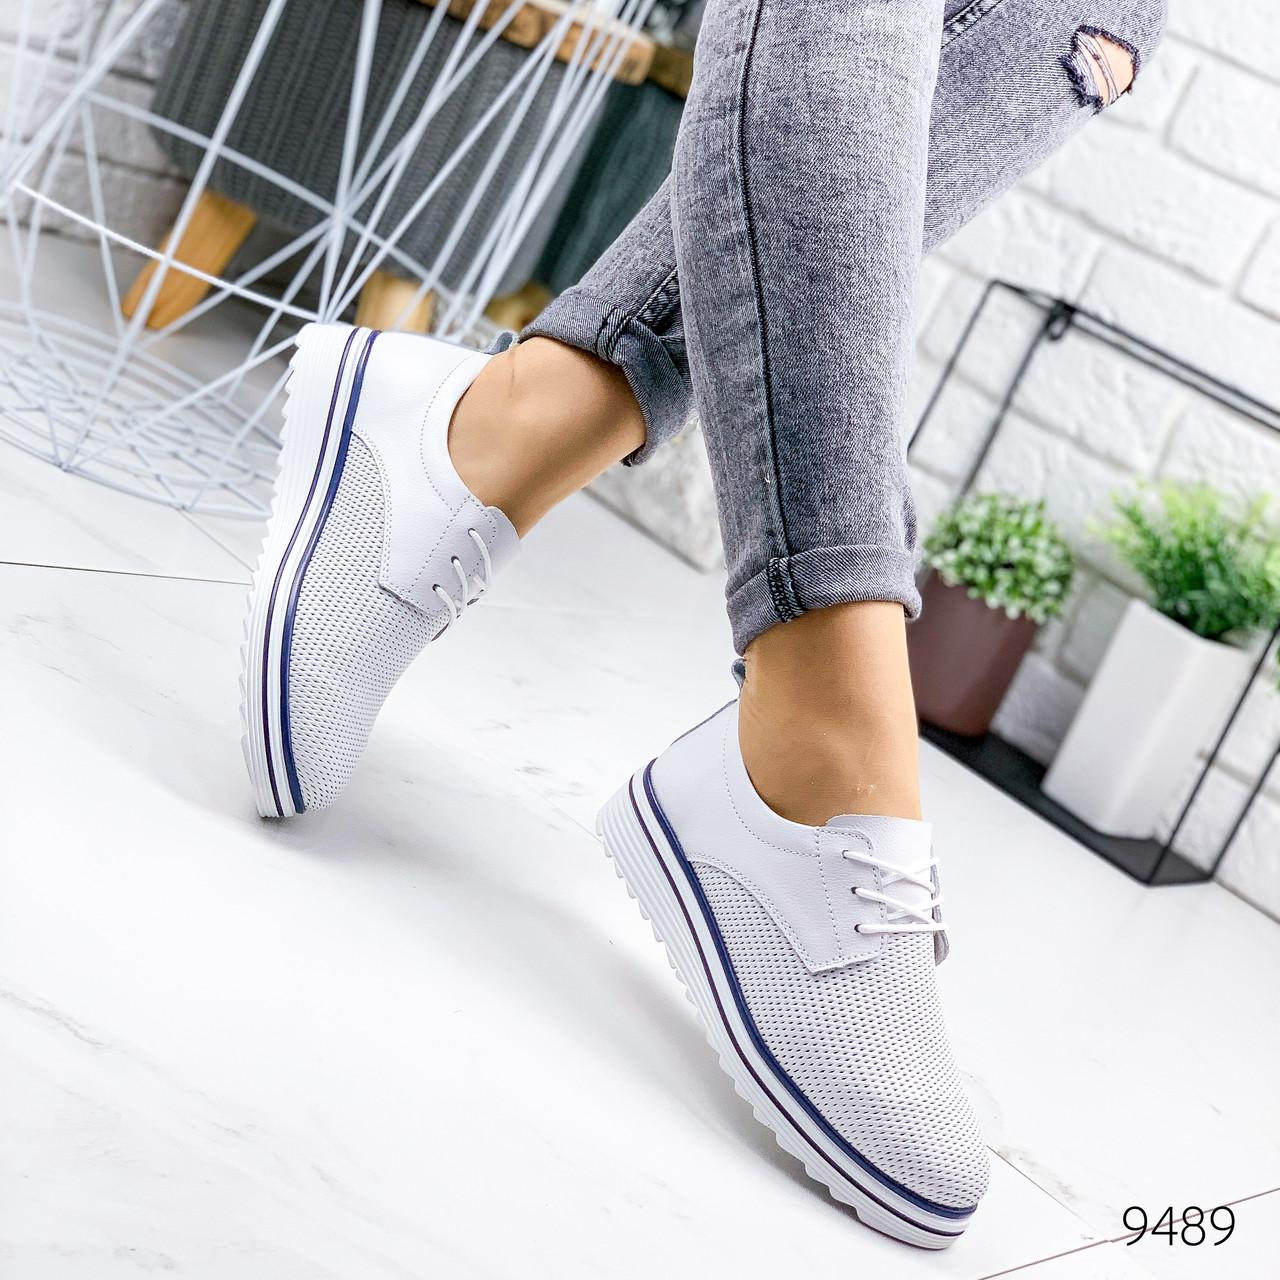 Туфли женские Genny белые 9489